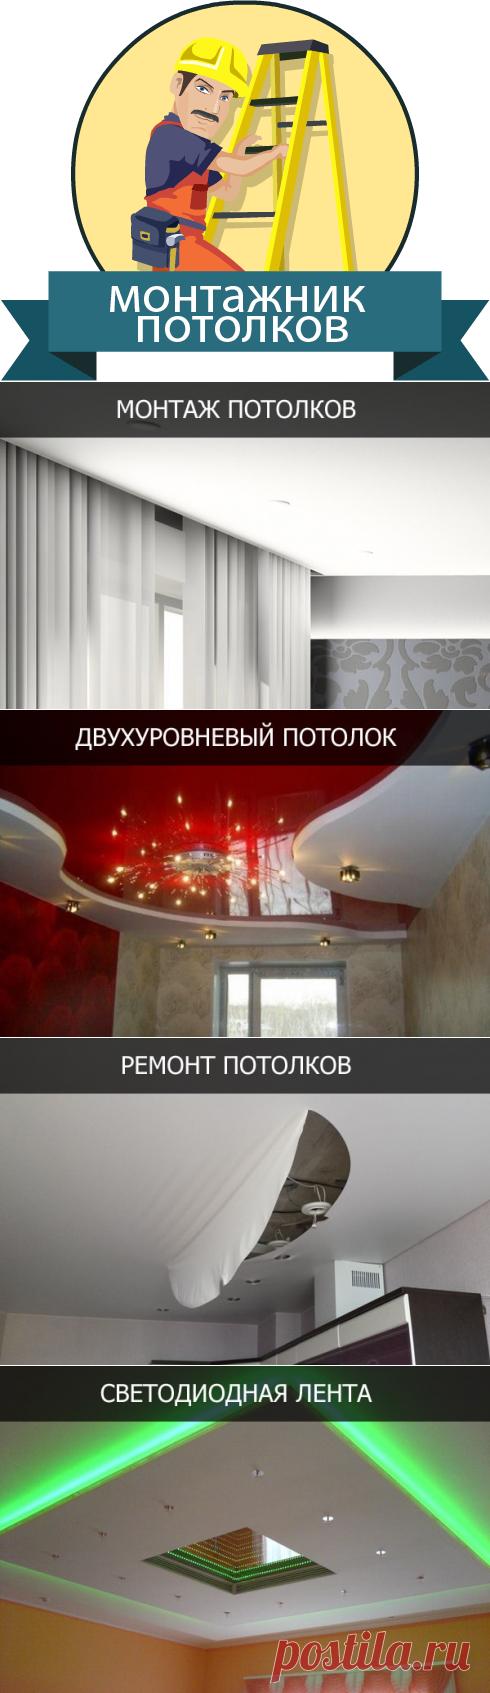 Монтаж натяжных потолков в Томске | Уют Мастер.  Подвесные потолки — это наиболее распространенный способ отделки потолков в крупных торговых, офисных и административных помещениях. Армстронг является относительно недорогим видом отделки и достаточно простым в установке. Он, также, позволяет в последующем монтировать какие-либо коммуникации (электрическую проводку, системы безопасности, пожарные системы и т.д) и не предполагает большую нагрузку на сам потолок.